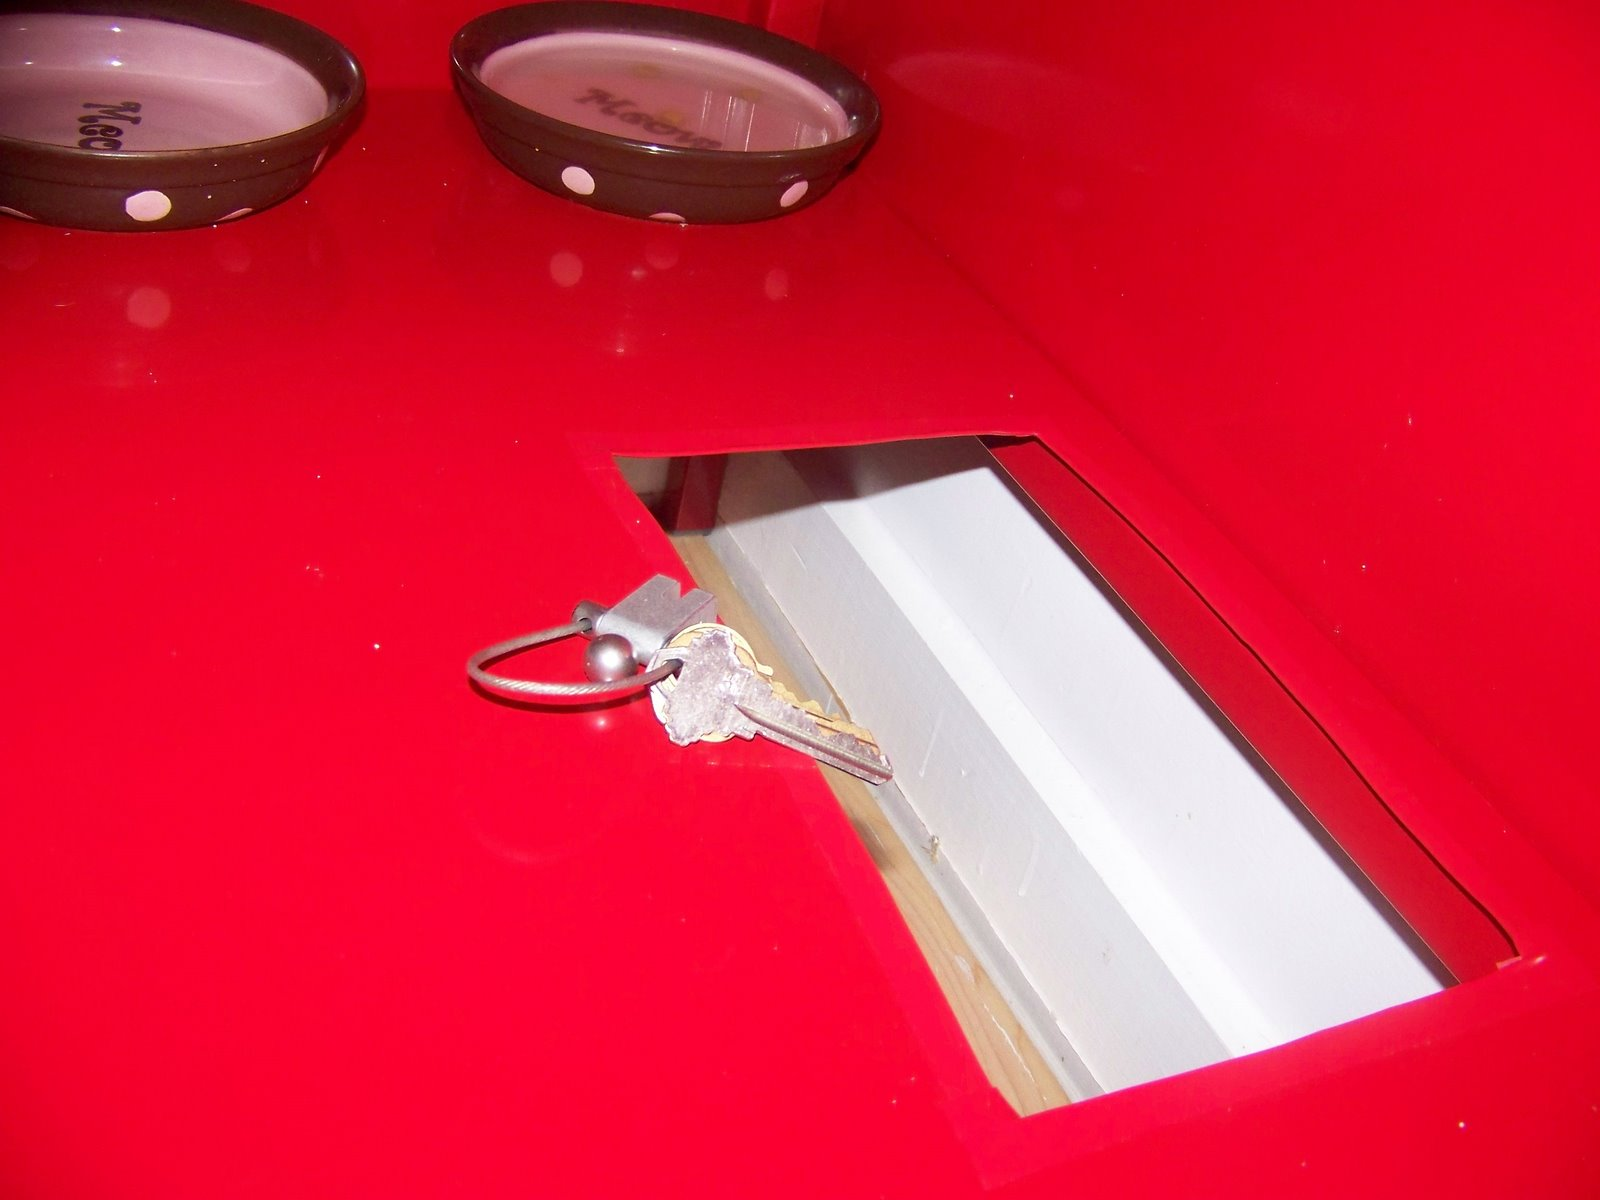 Ikea ps locker into litter box ikea hackers